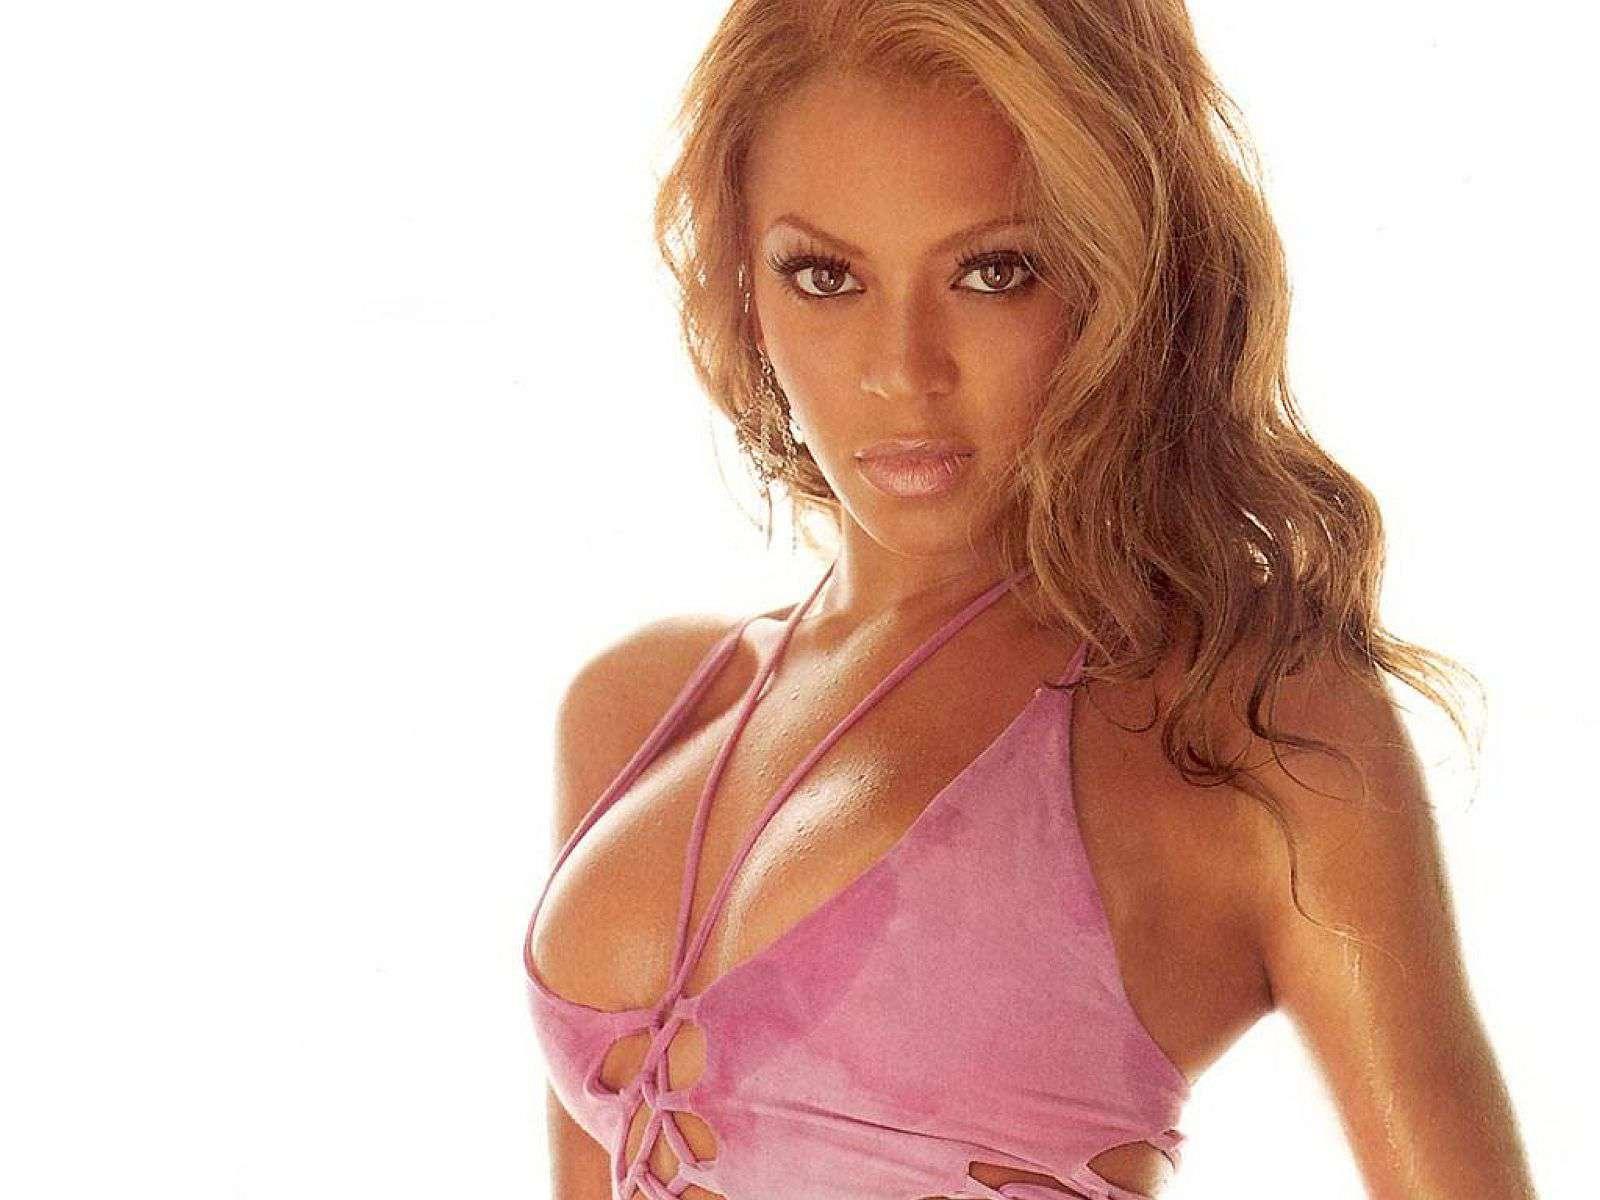 http://1.bp.blogspot.com/-dWODxk3VSLM/TiReugyhoxI/AAAAAAAAILI/uIhwfo1br0U/s1600/Beyonce%2B-Knowles%2B-02.jpg